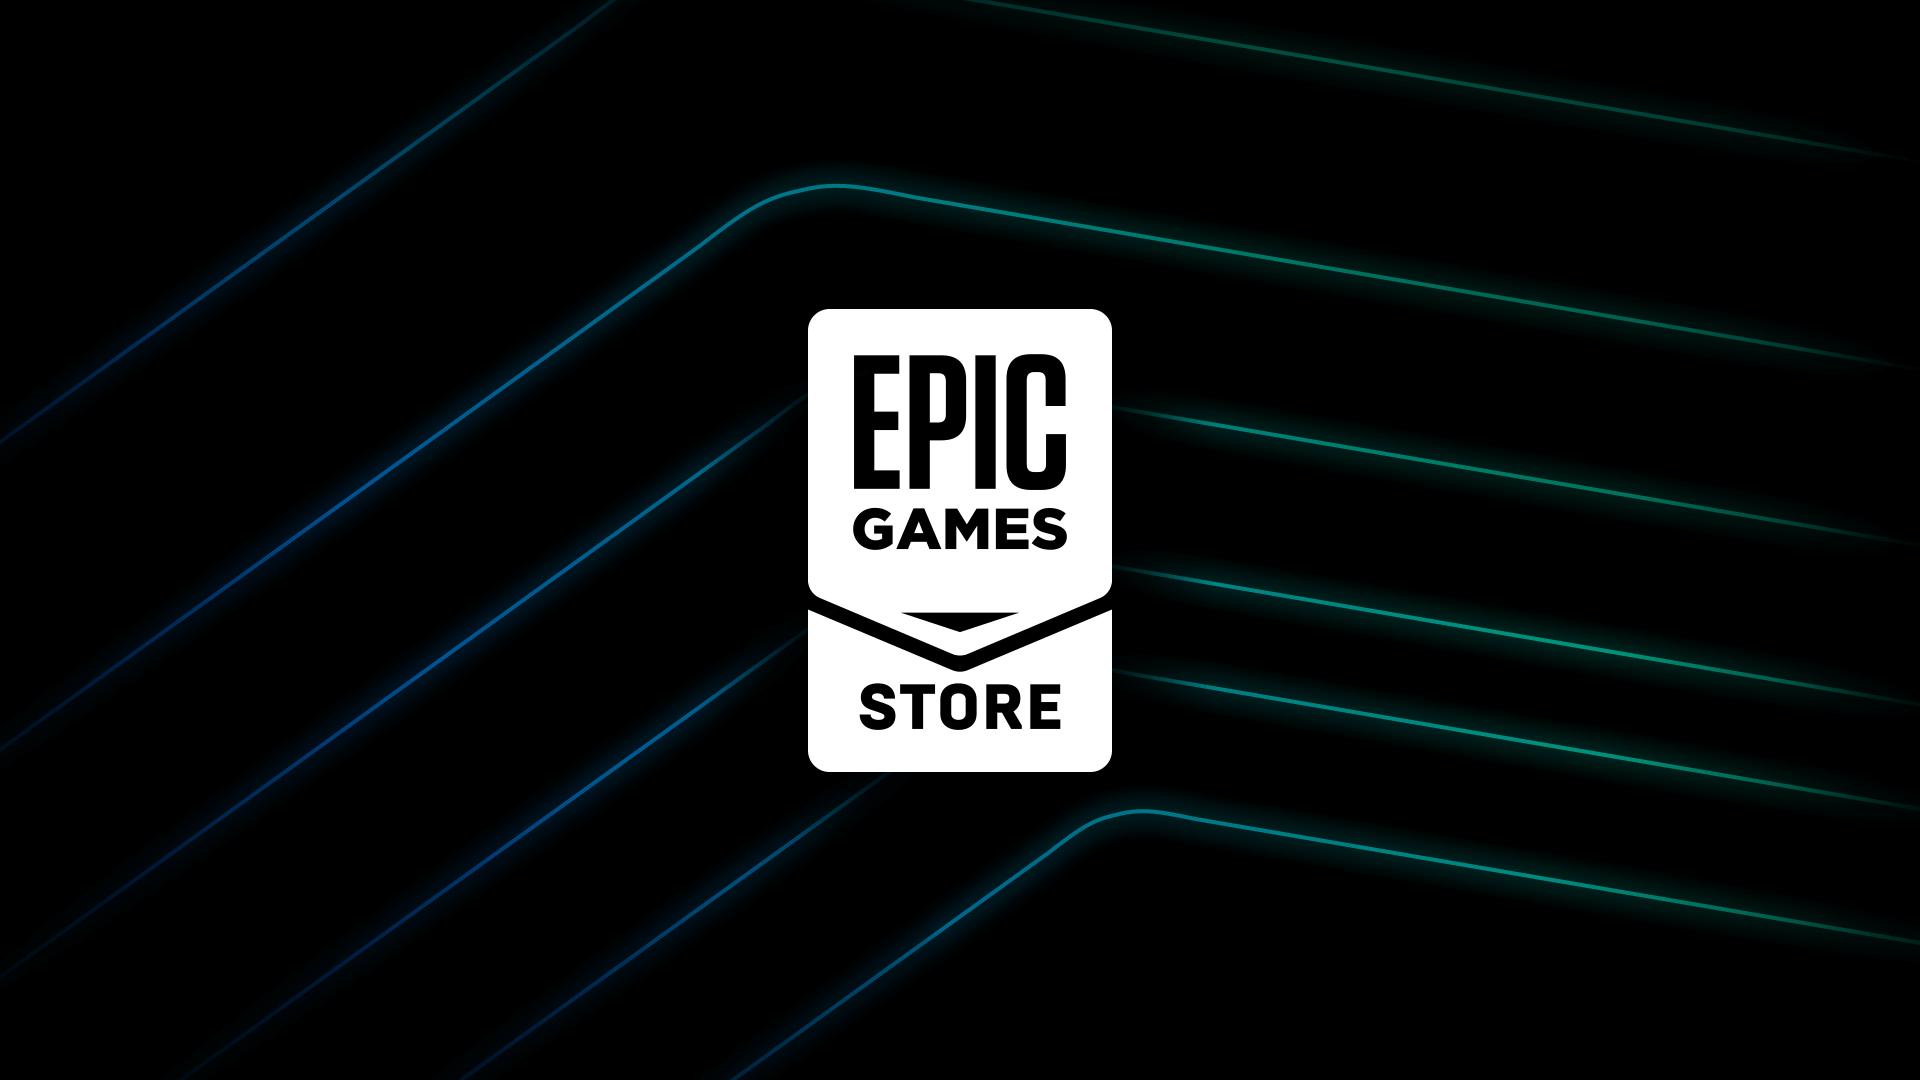 Epic Games'den sürpriz; Bir oyun daha ücretsiz oldu